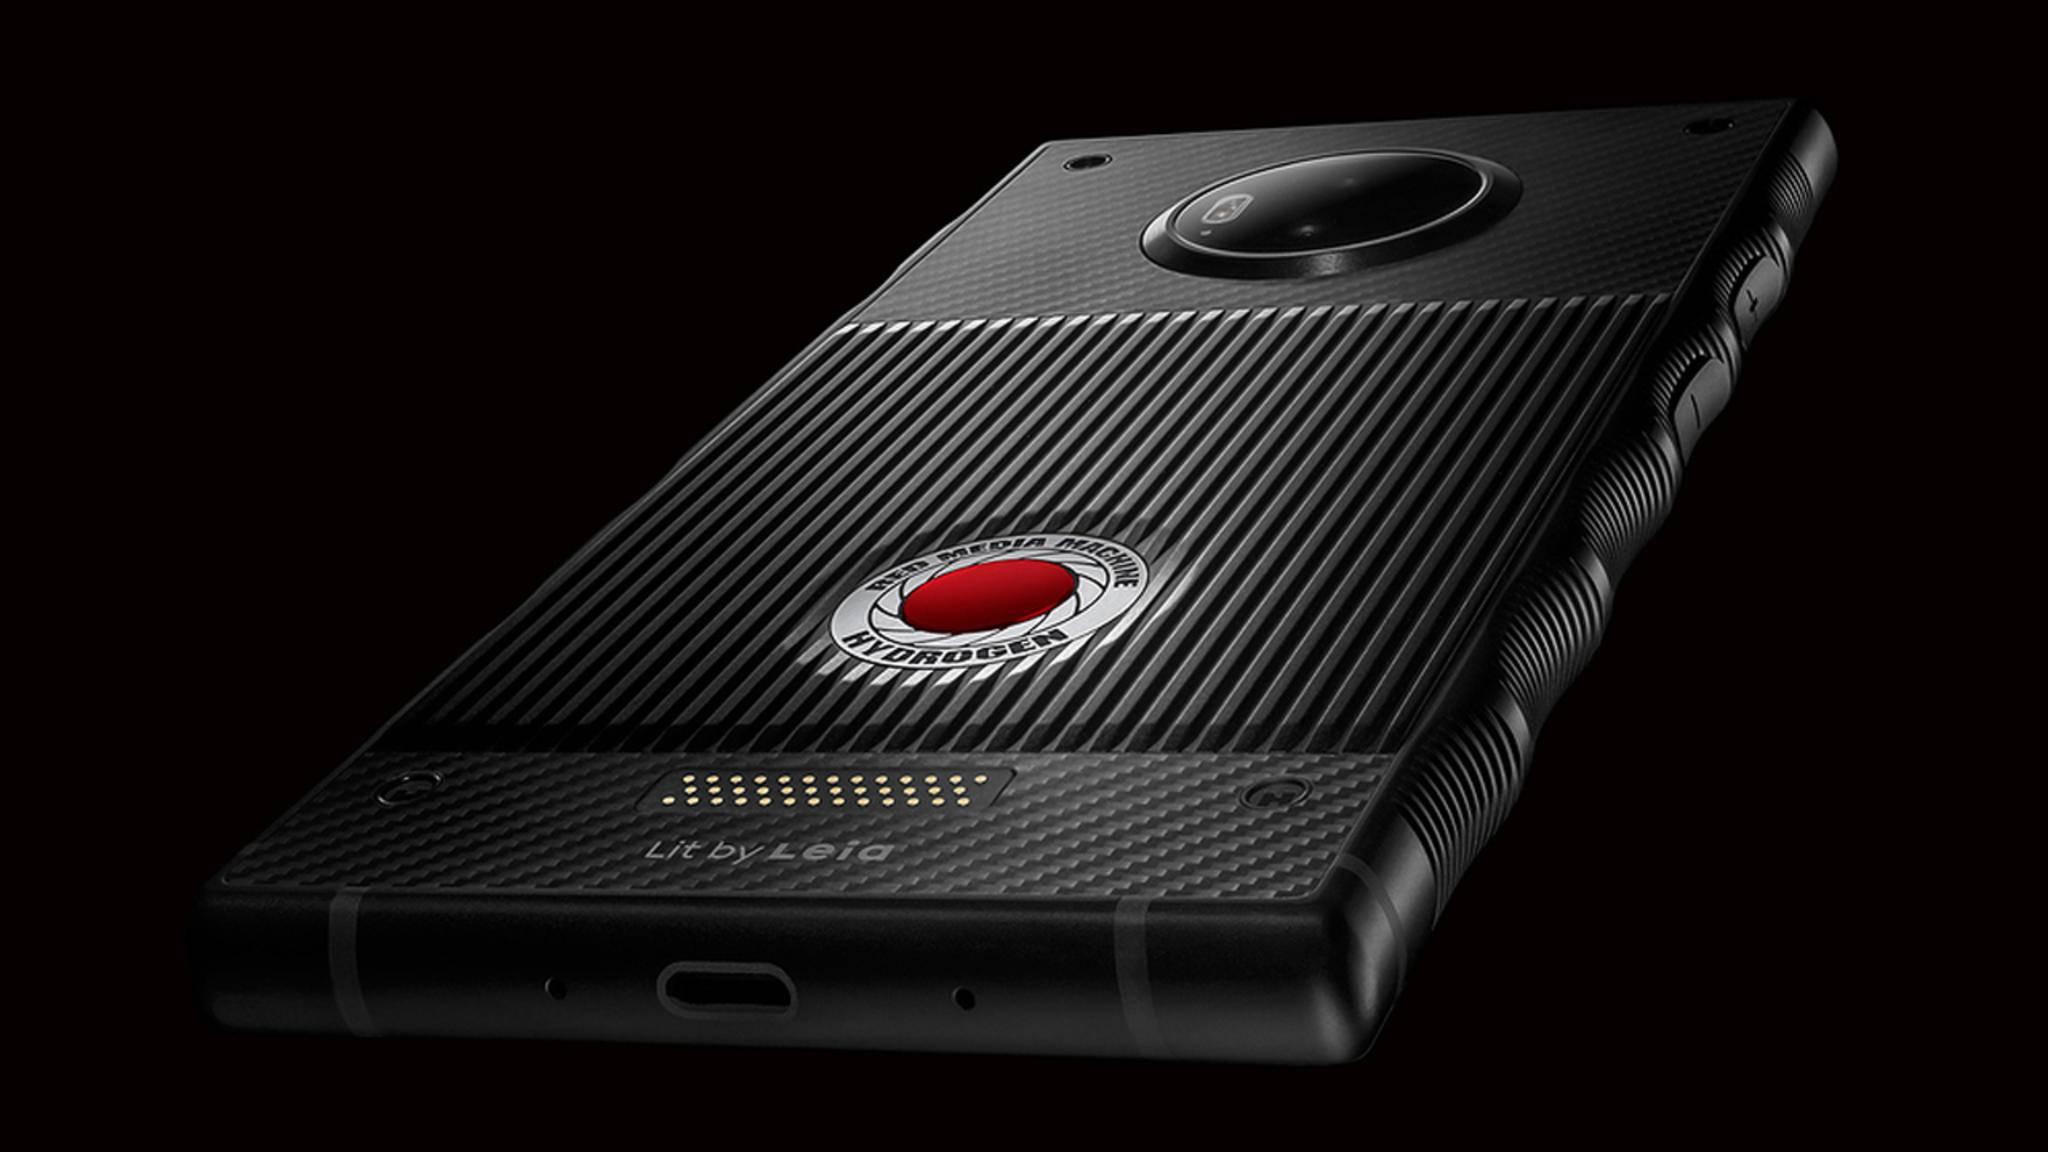 Das RED Hydrogen One wird anders als die meisten Smartphones.